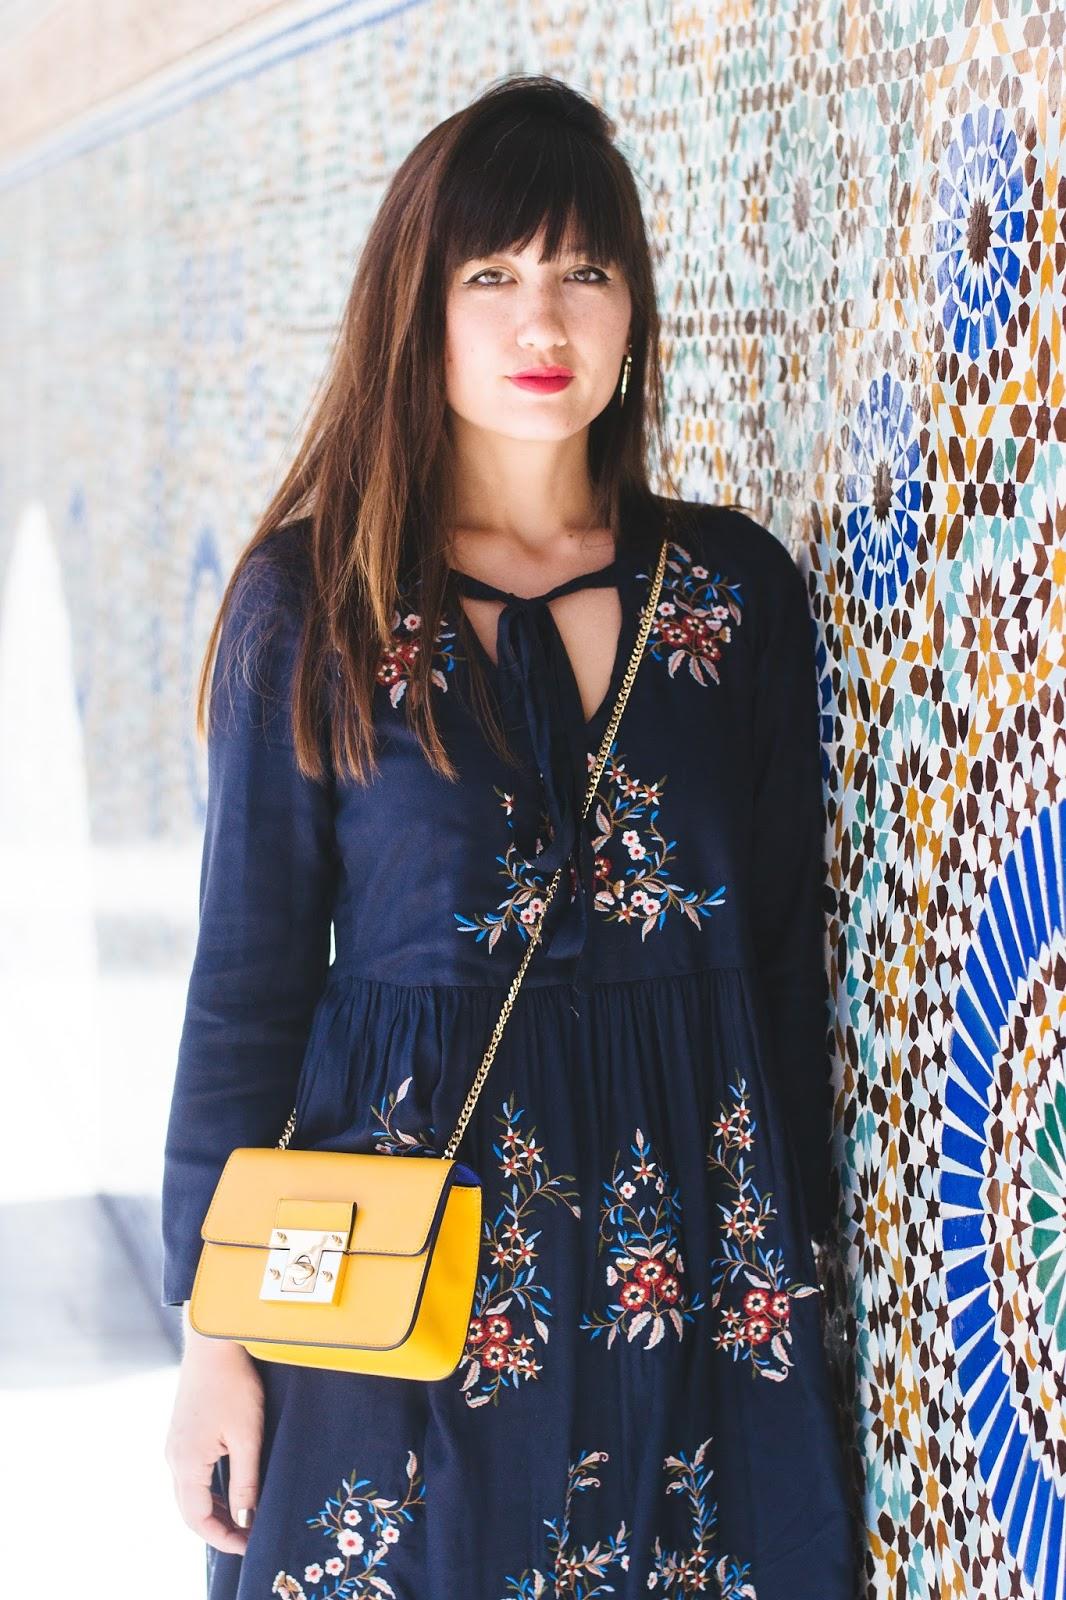 M&S-summer-flowers-dress-blue-sneakers-cute-bag